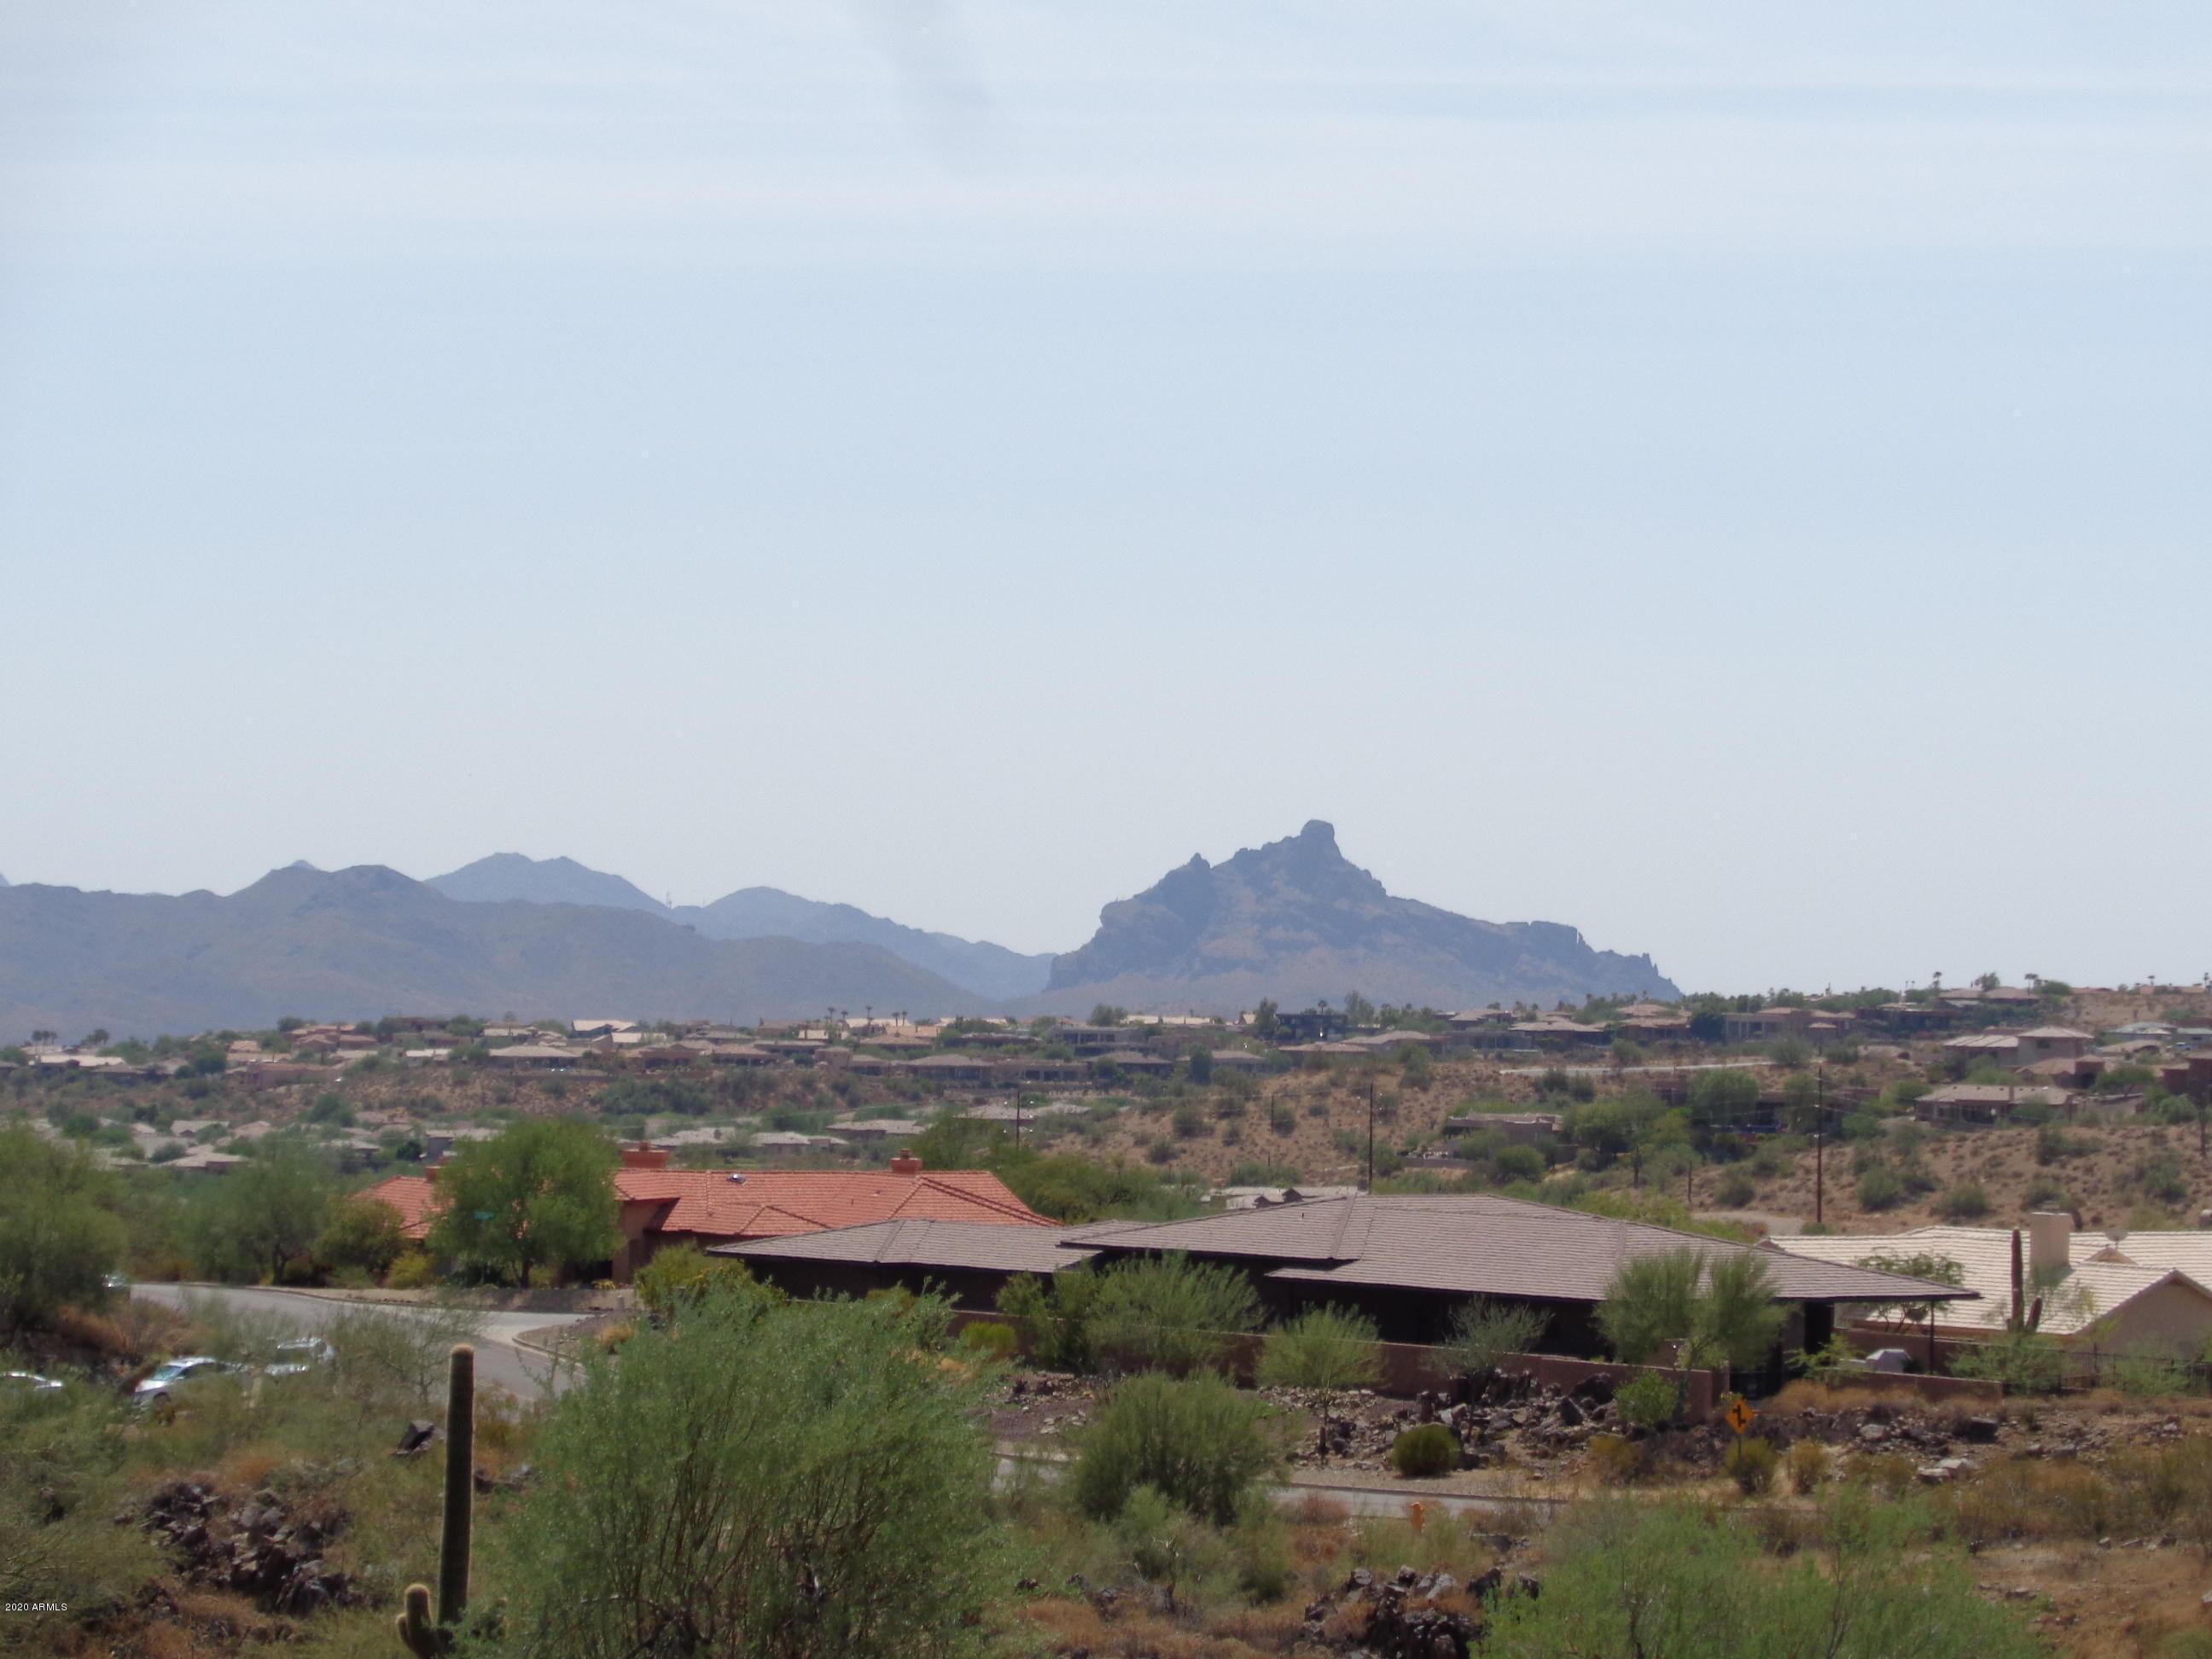 15436 N CERRO ALTO Drive # 3, Fountain Hills, AZ 85268, ,Land,For Sale,15436 N CERRO ALTO Drive # 3,6130919